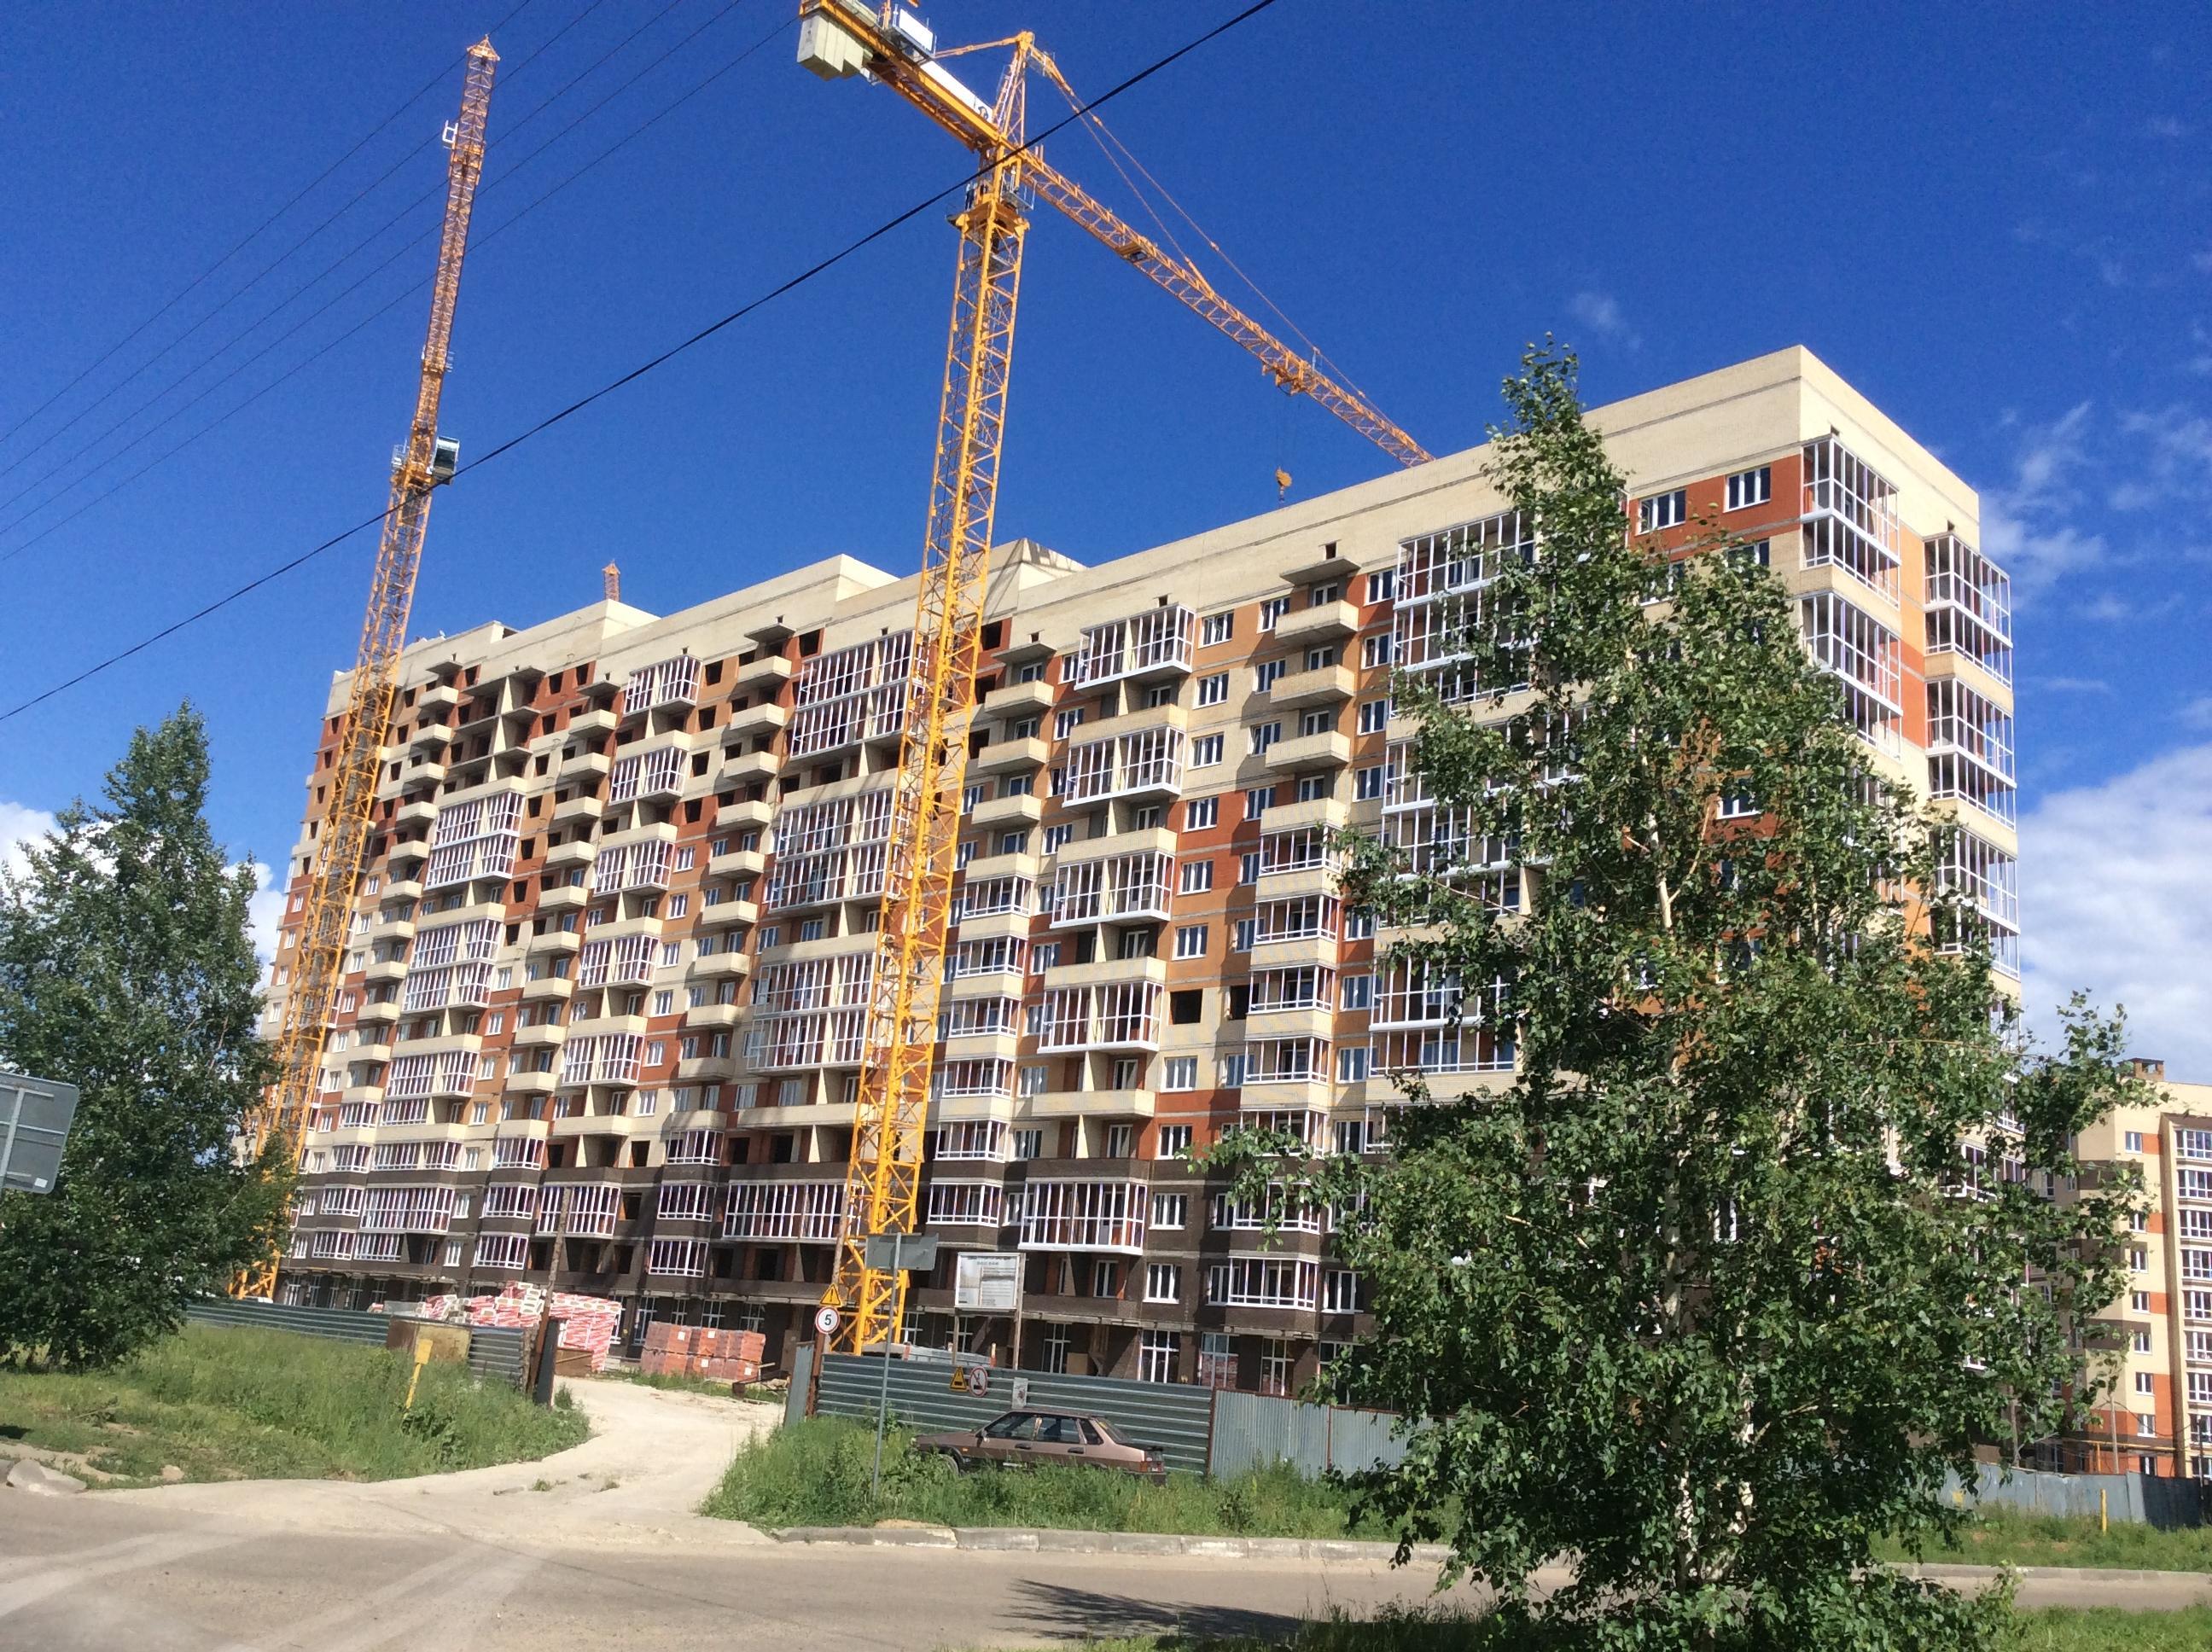 Комплекс строительная компания в новочебоксарске рустам вконтакте Ижевск строительные материалы